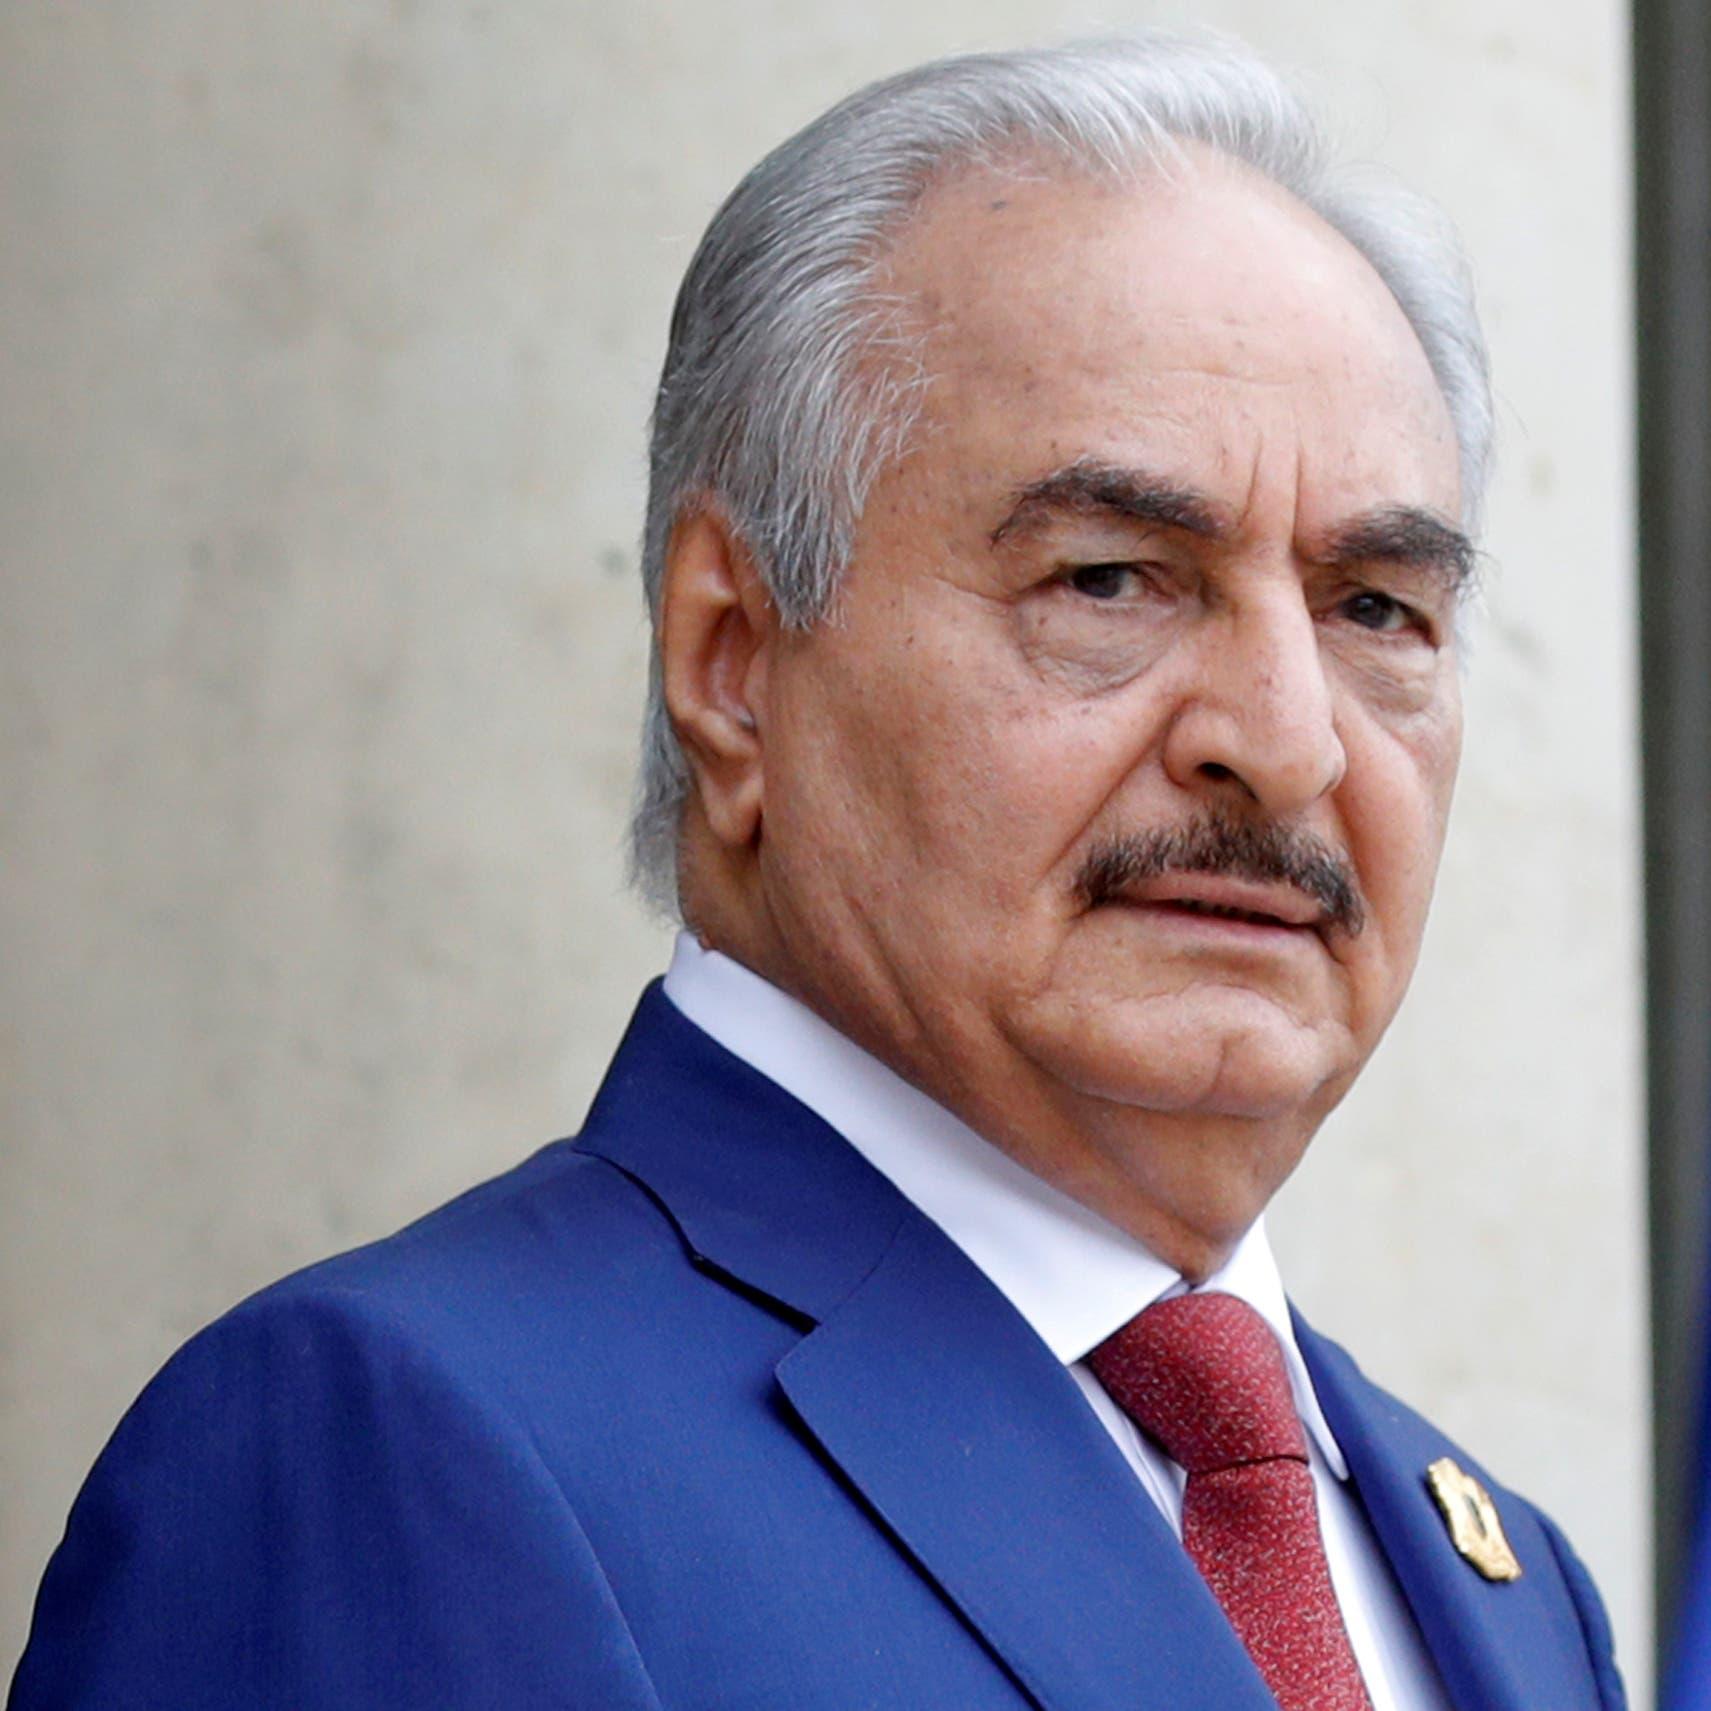 الجيش الليبي: الإخوان يسيطرون على رئيس حكومة الوفاق